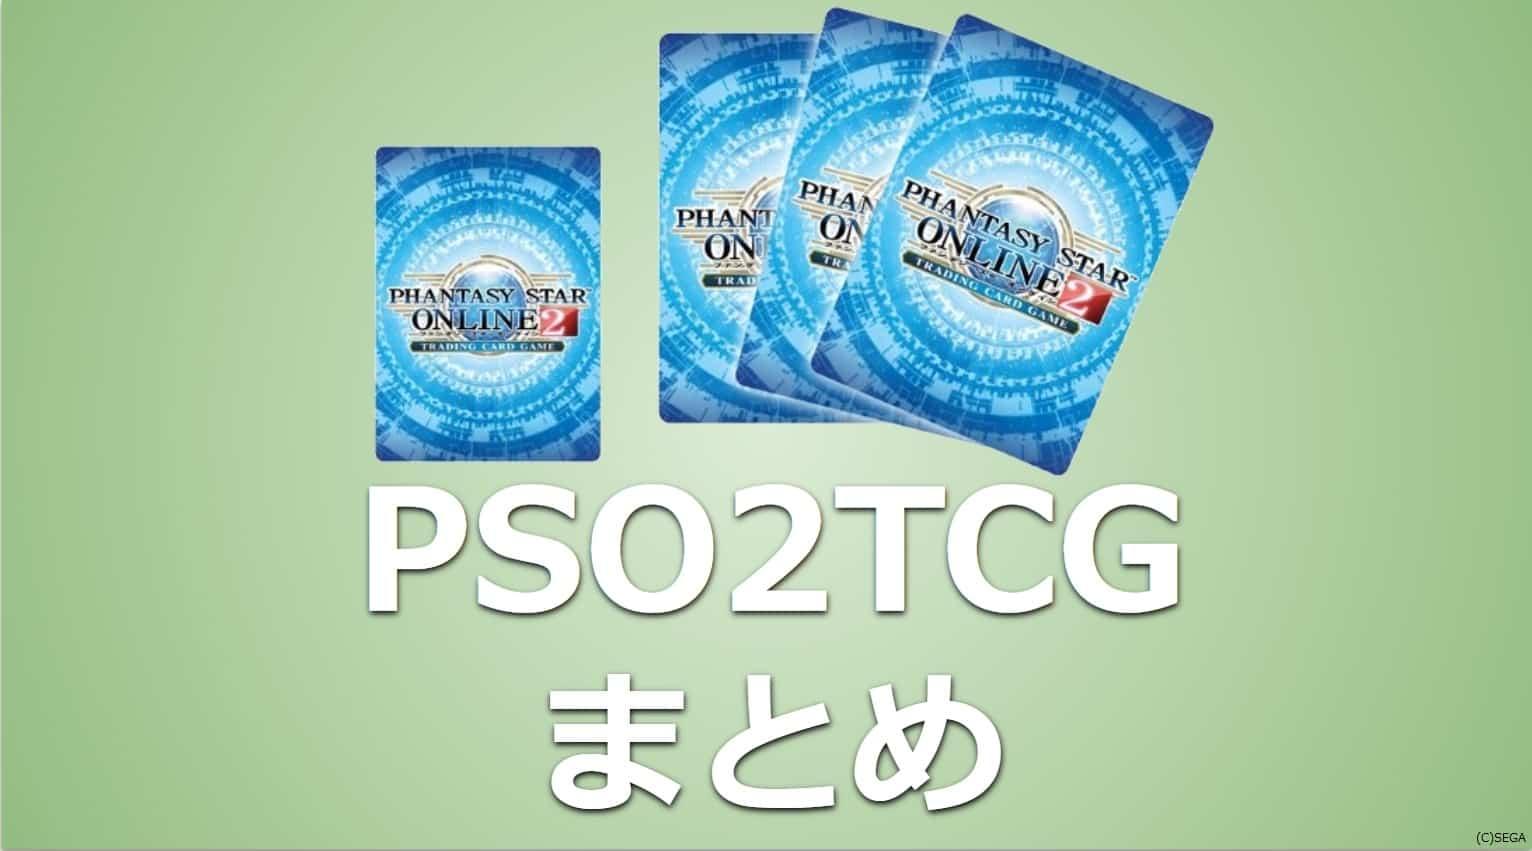 PSO2TCGの遊び方の総合まとめ